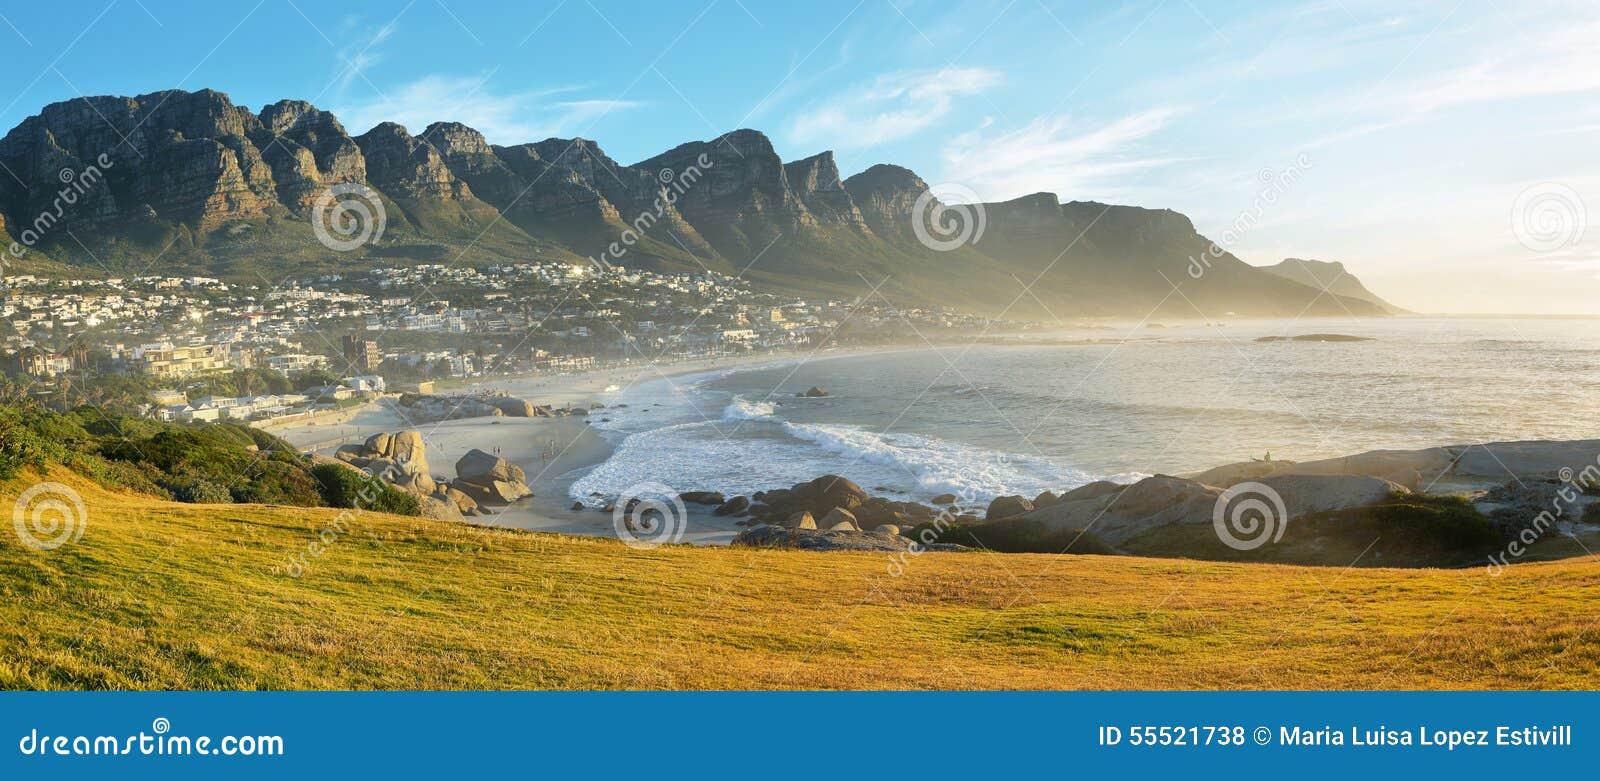 Praia da baía dos acampamentos em Cape Town, África do Sul